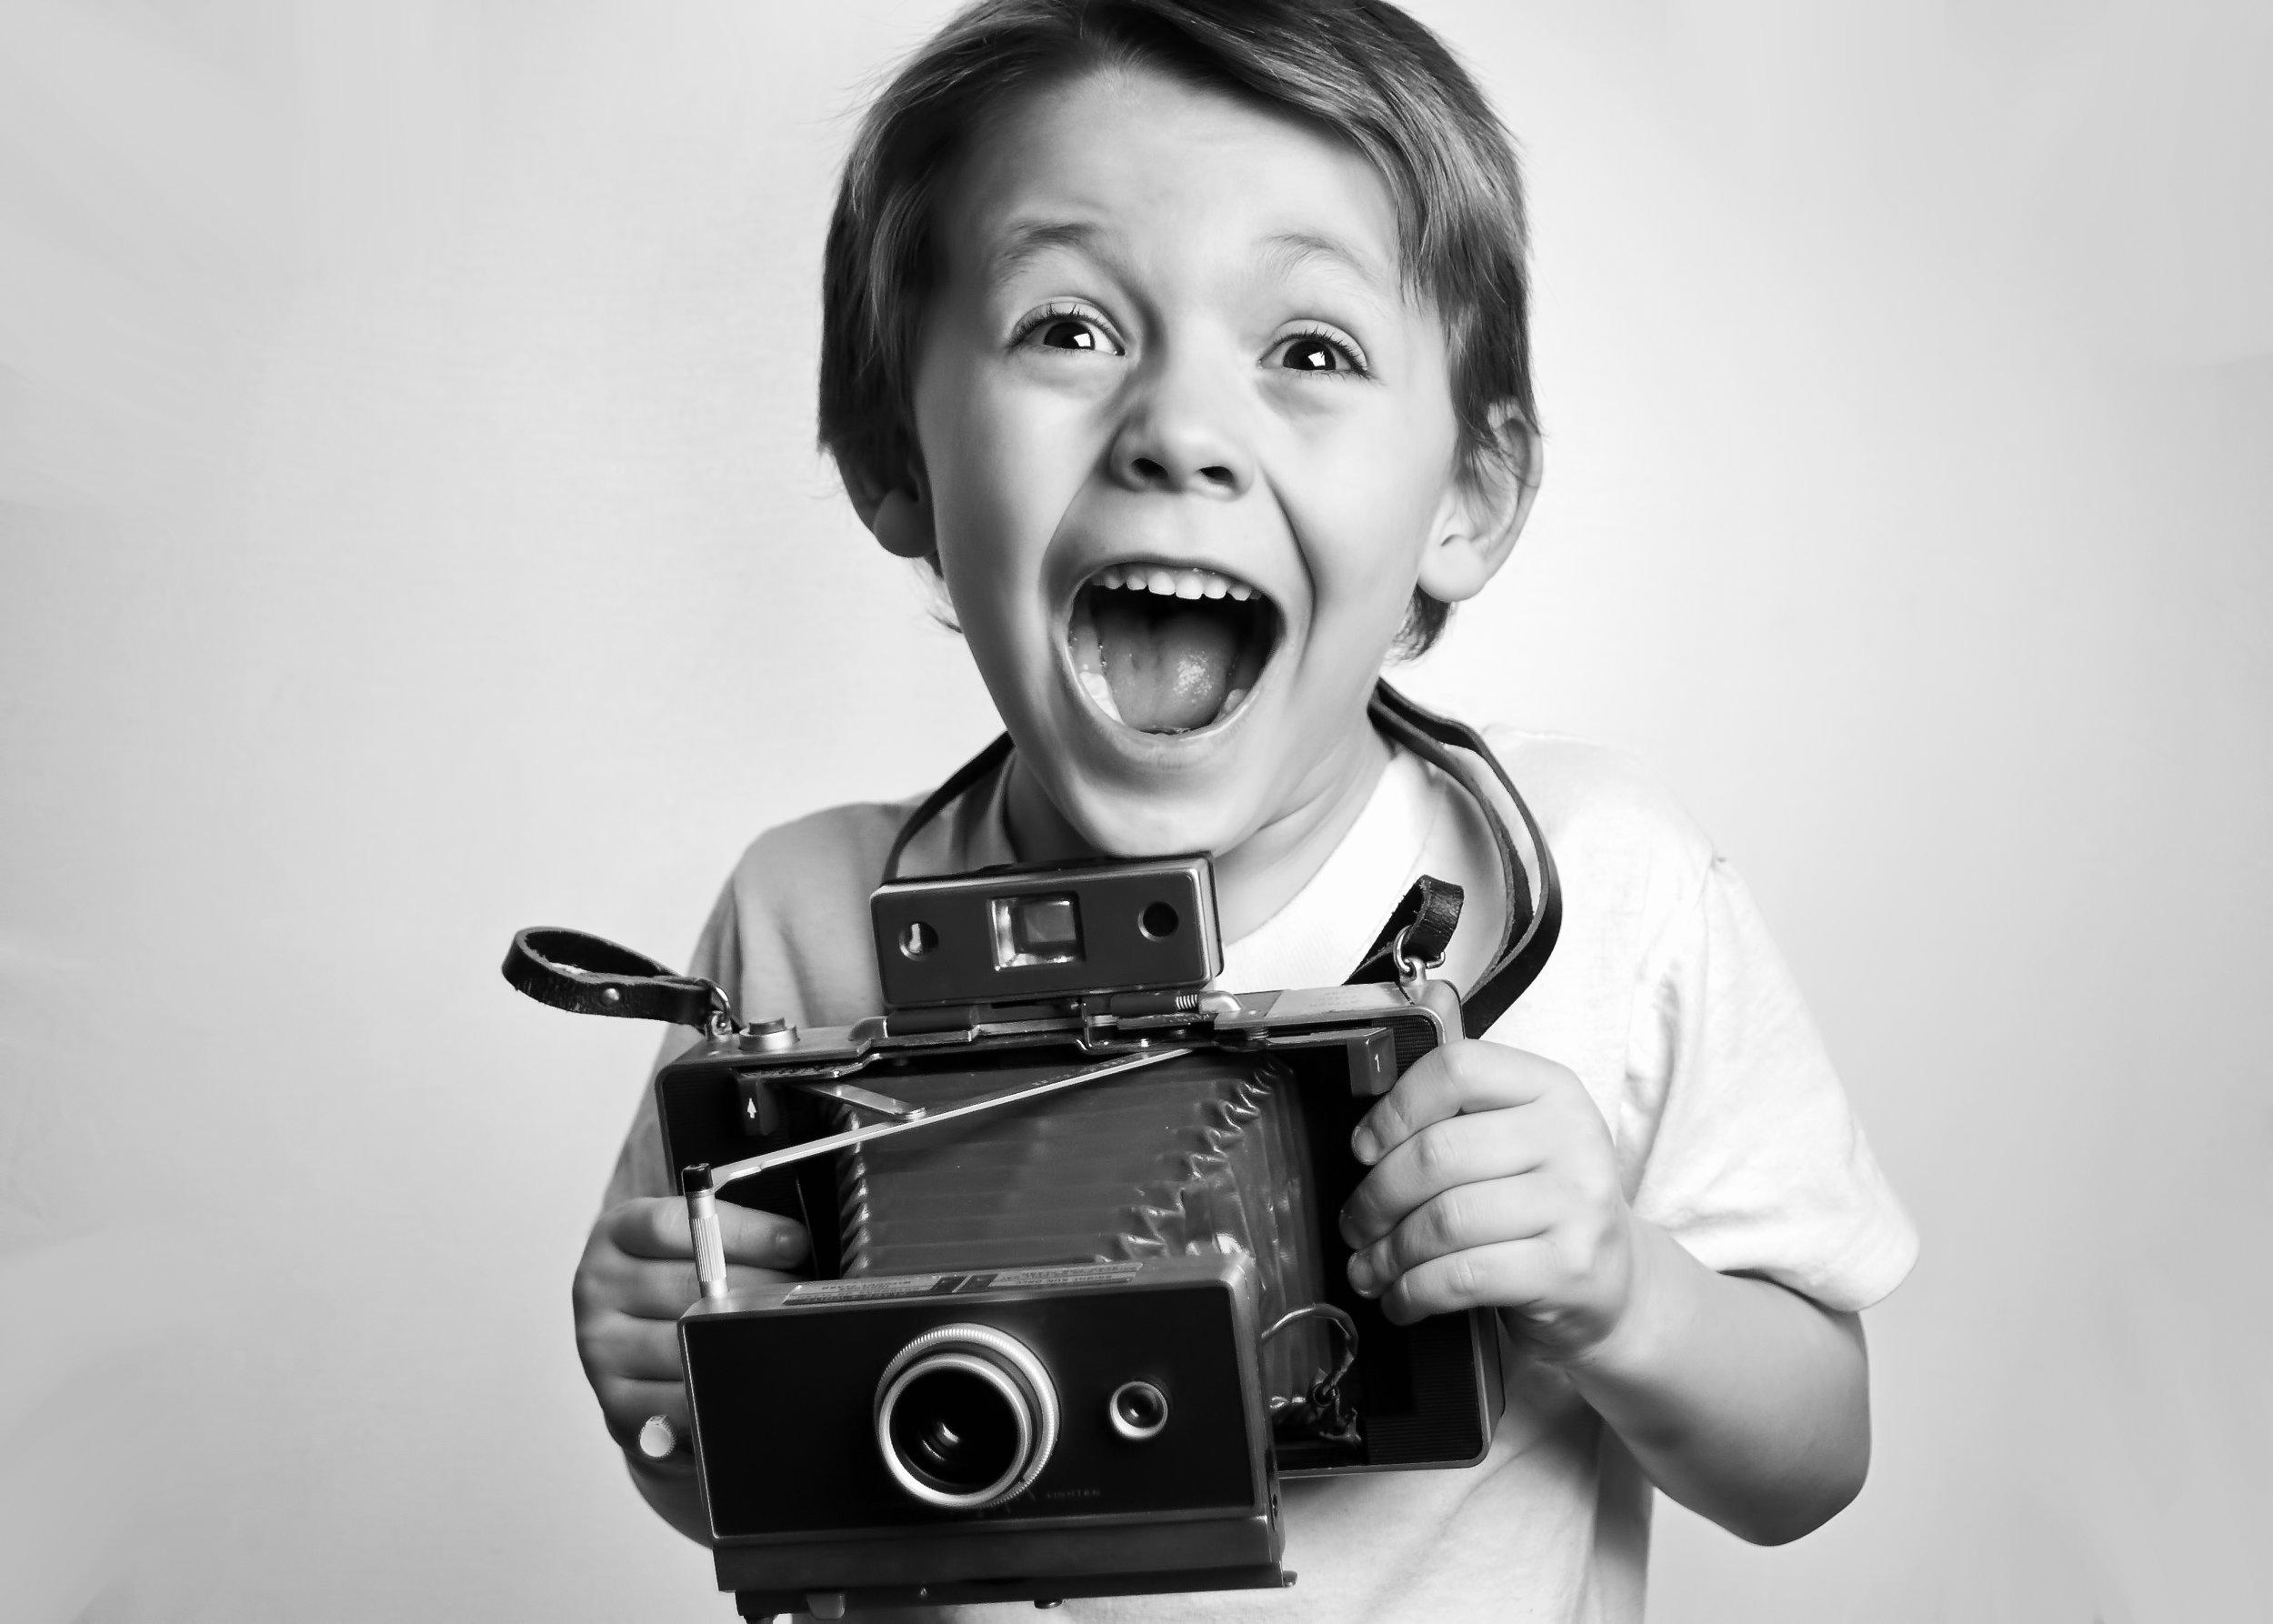 kid_camera.jpg